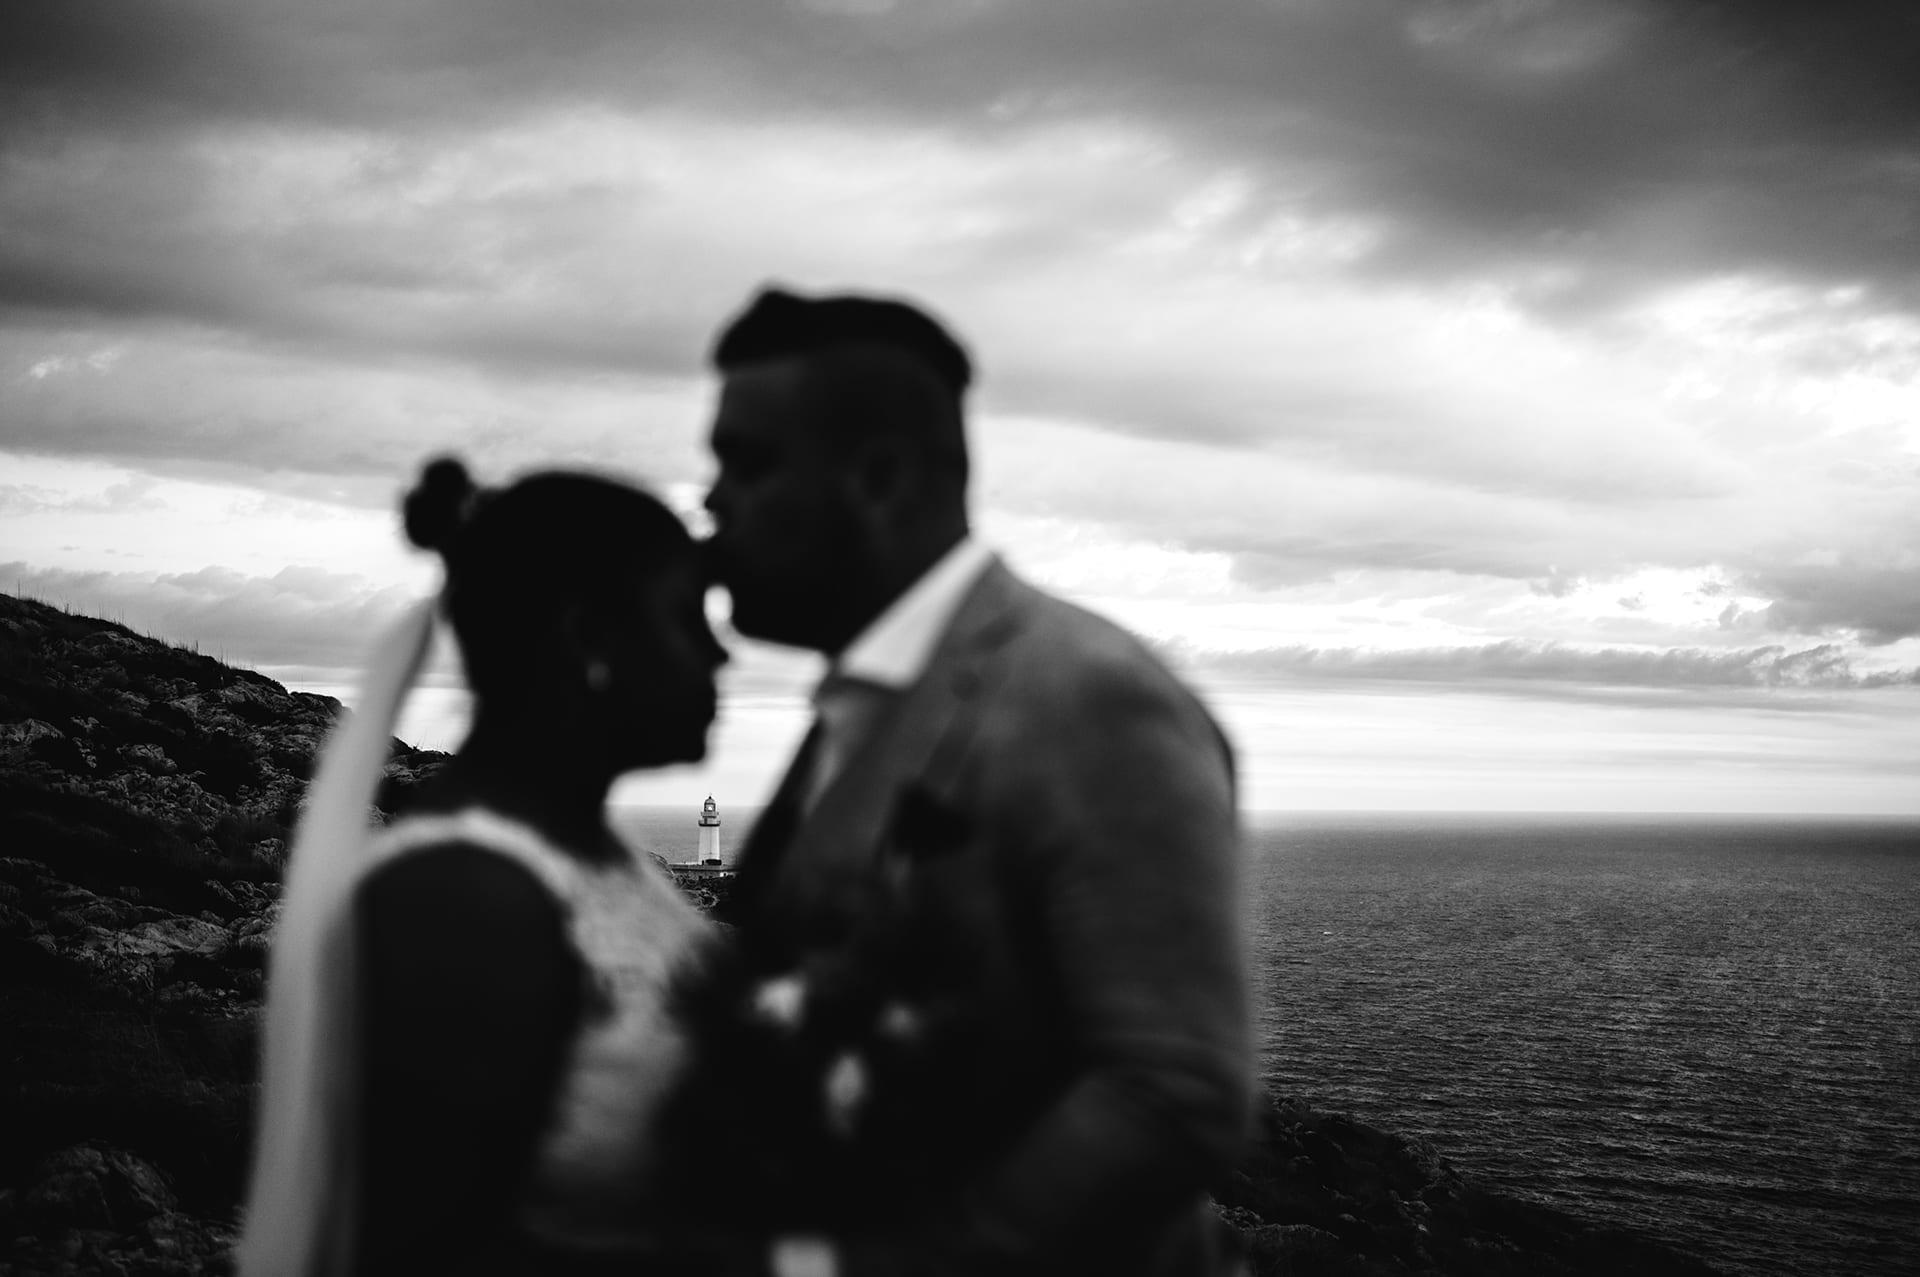 Bräutigam küsst die Braut auf die Stirn, im Hintergrund ein Leuchtturm.